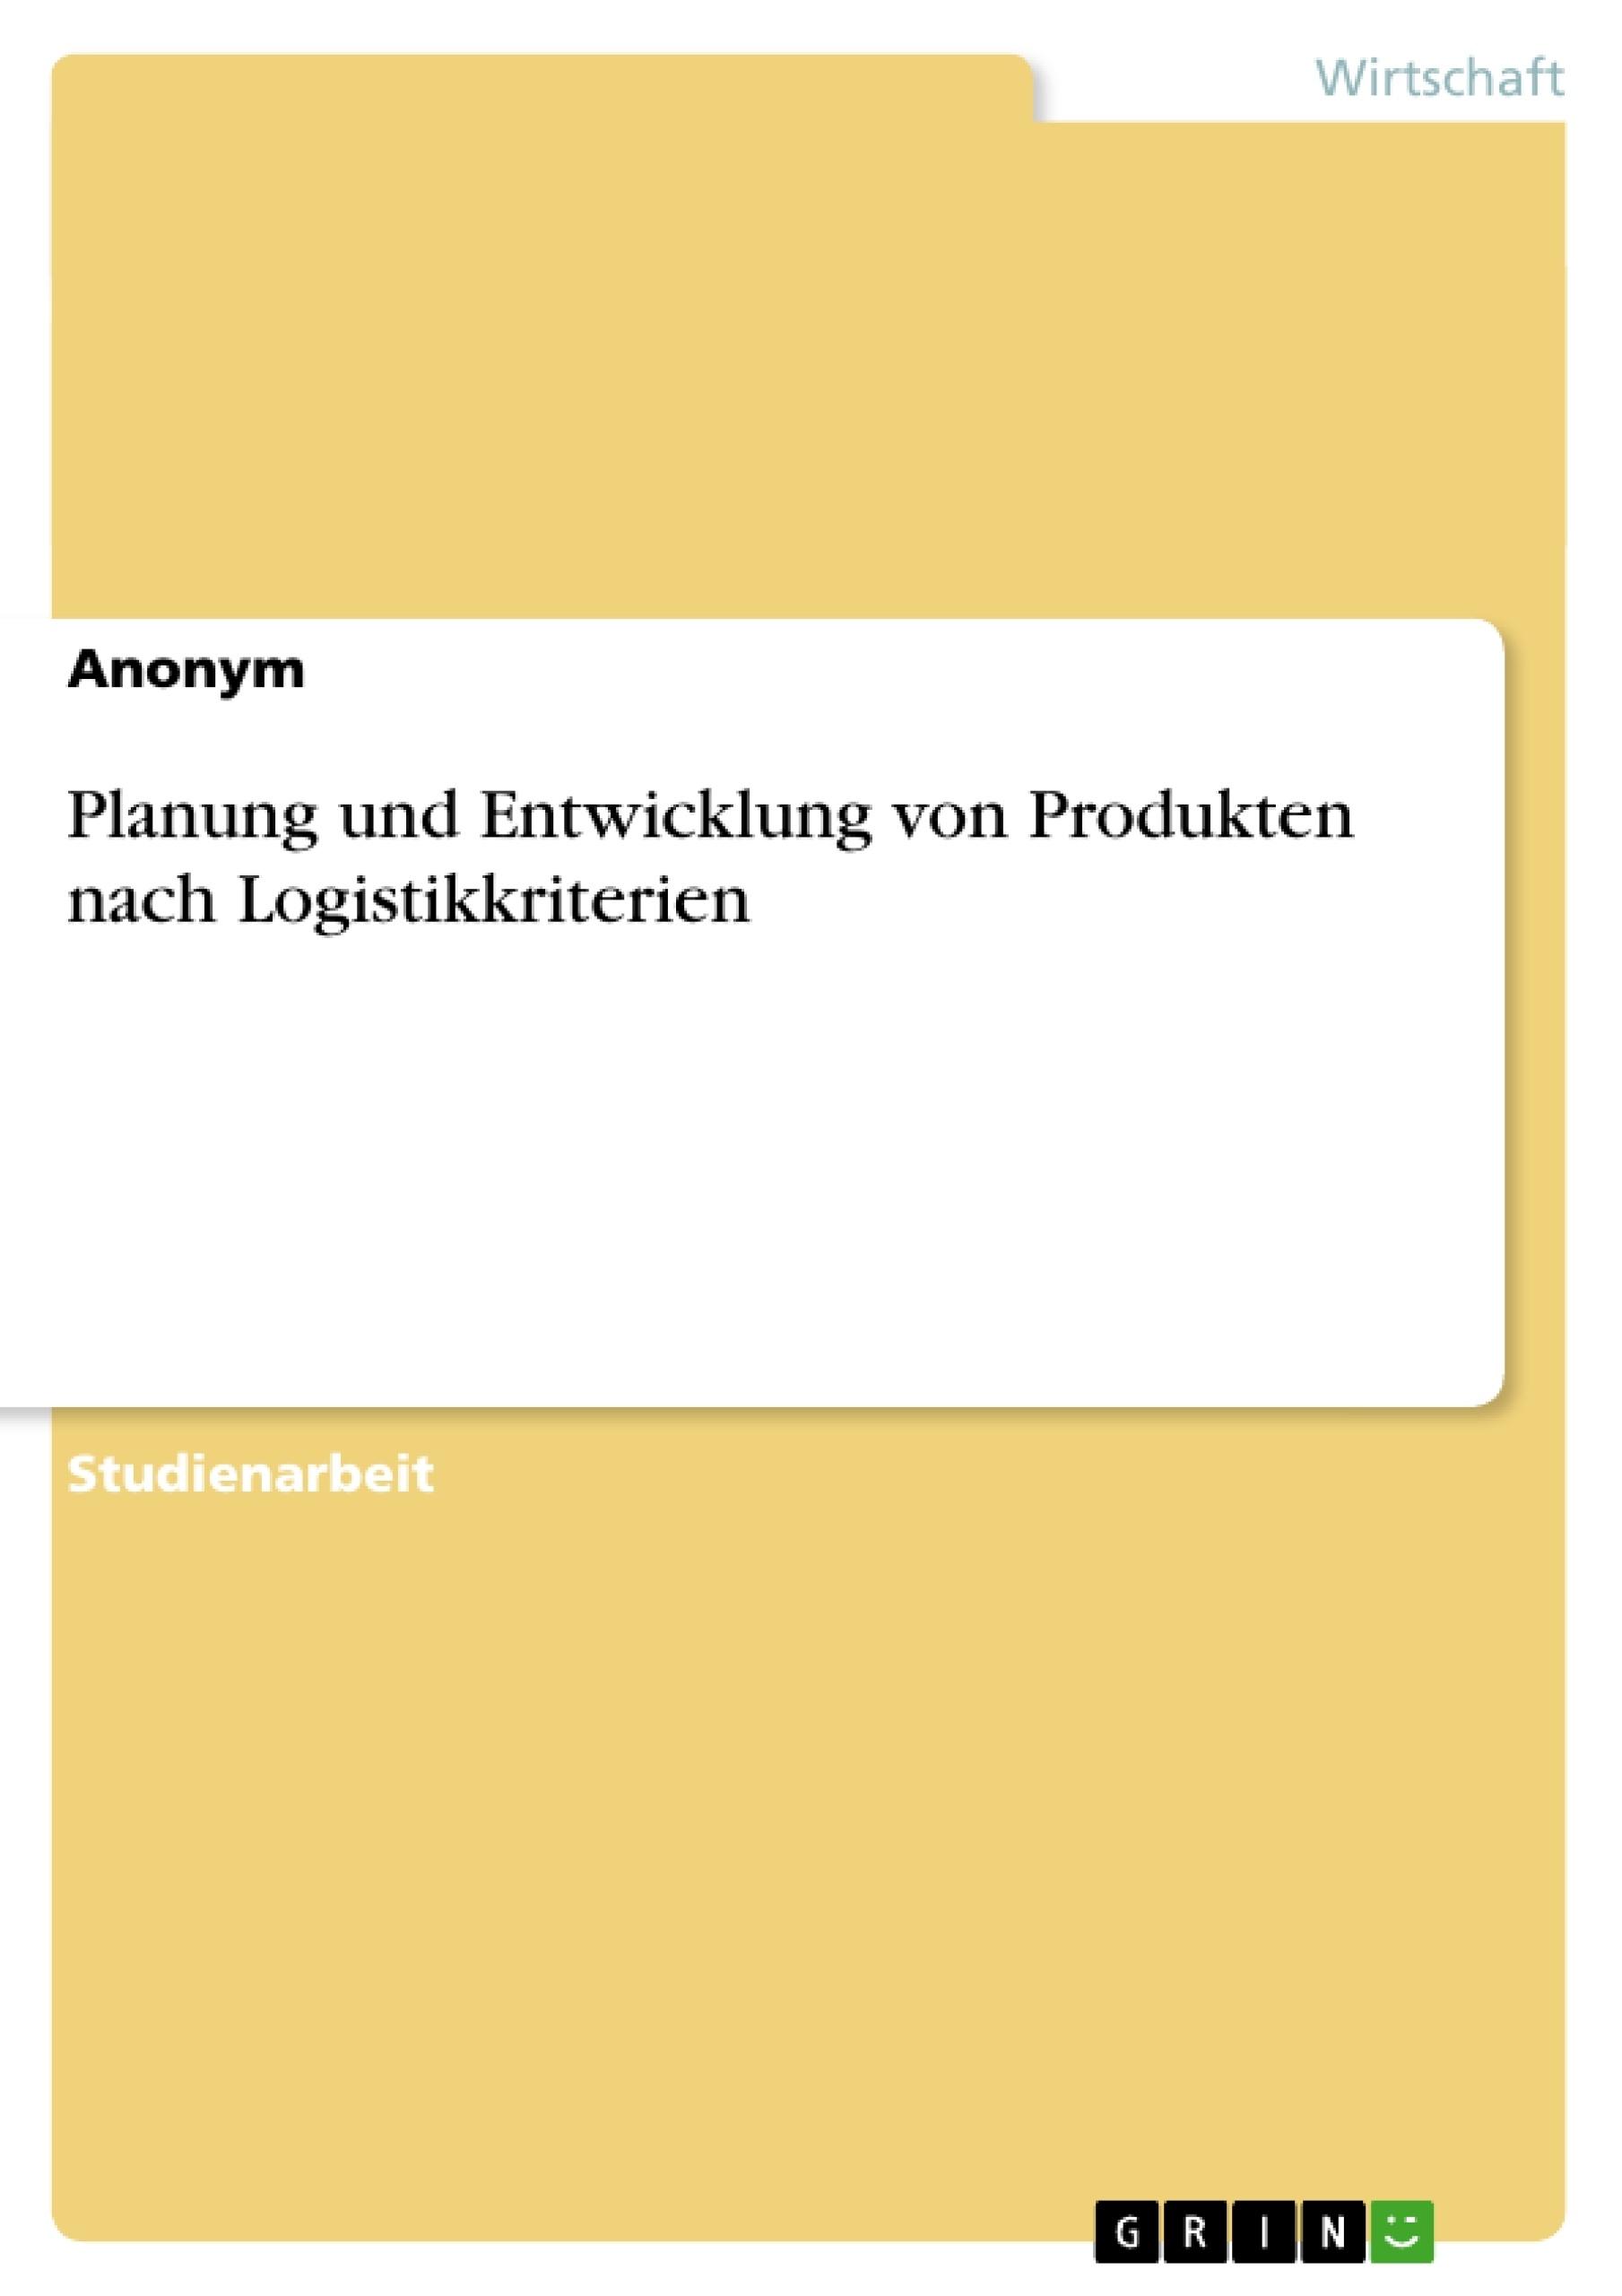 Titel: Planung und Entwicklung von Produkten nach Logistikkriterien